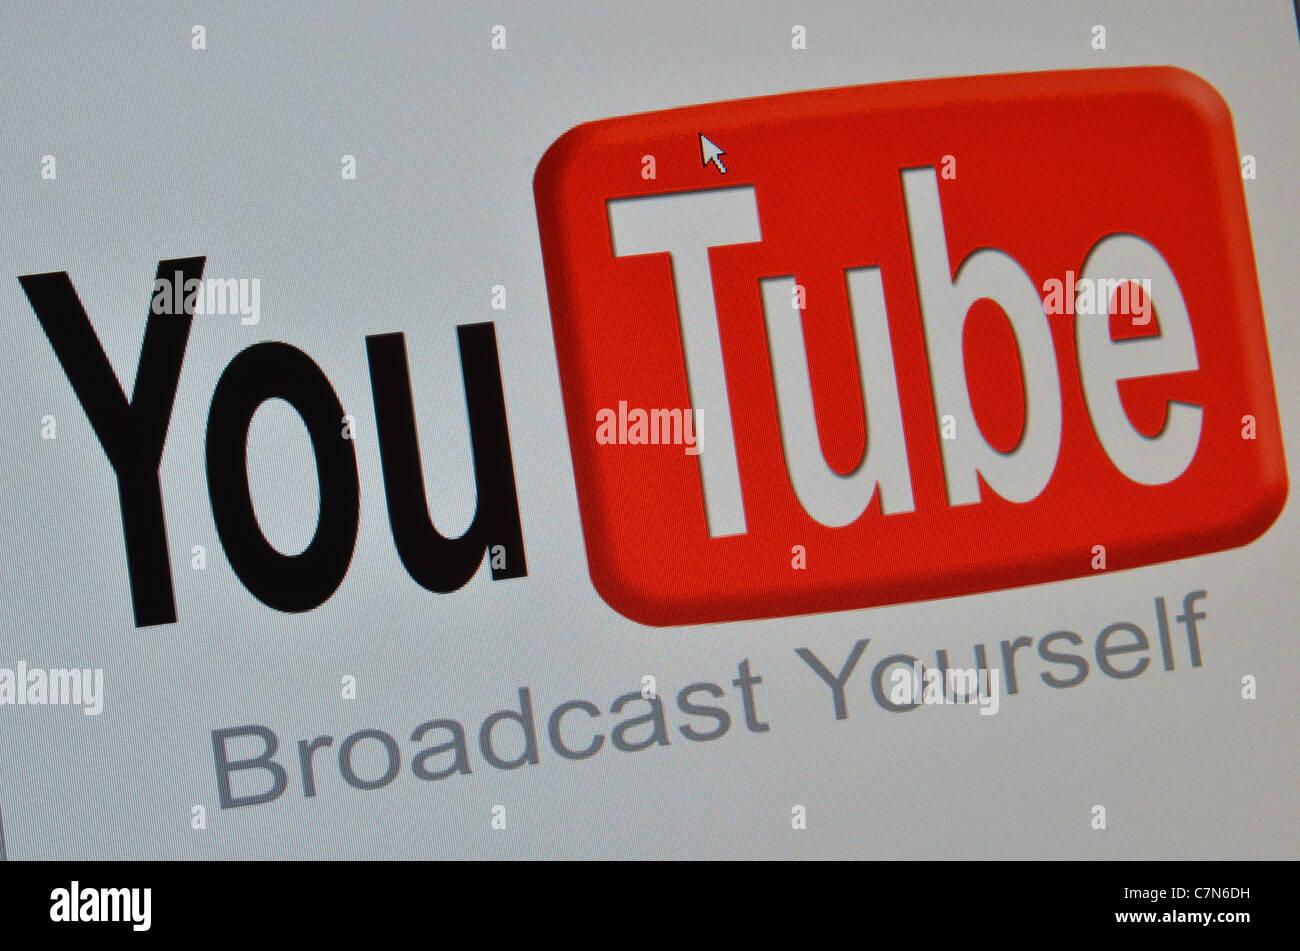 You Tube Broadcast Yourself web screenshot - Stock Image